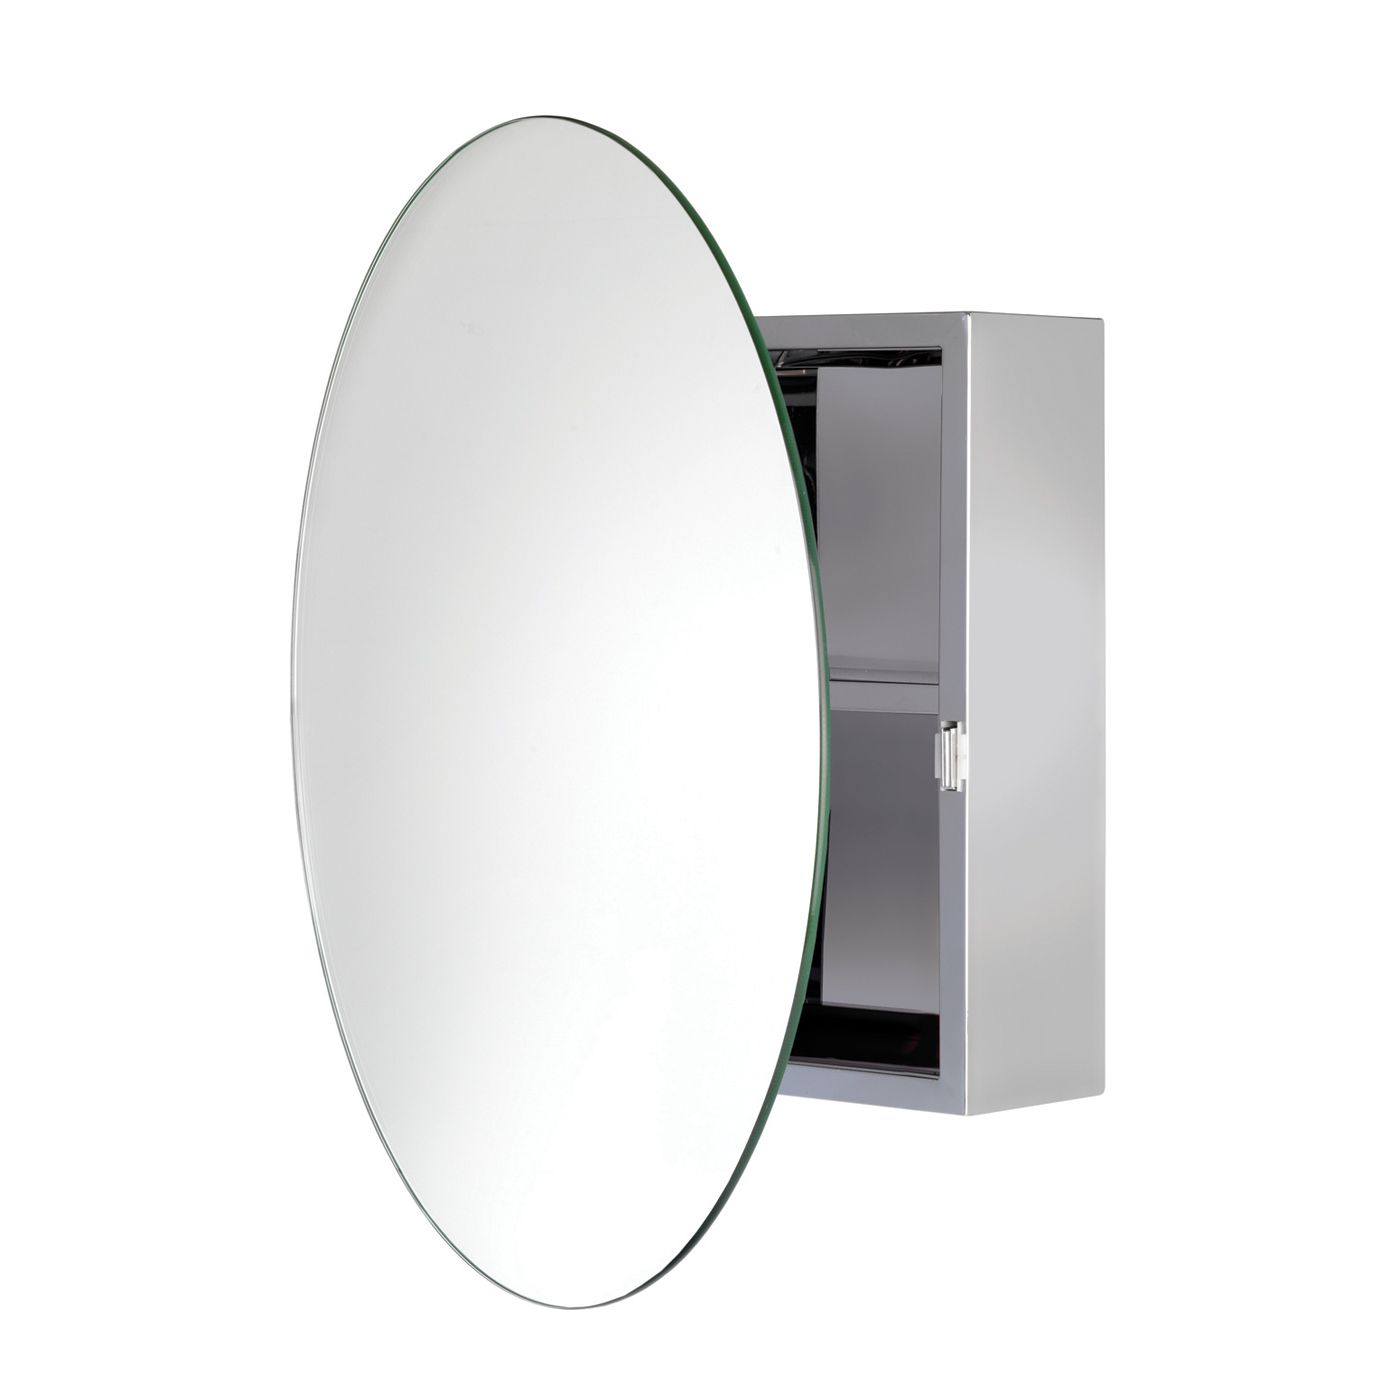 Croydex Wc836005yw Severn Circular Mirror Cabinet Mirror Cabinets Bathroom Mirror Cabinet Round Mirror Bathroom